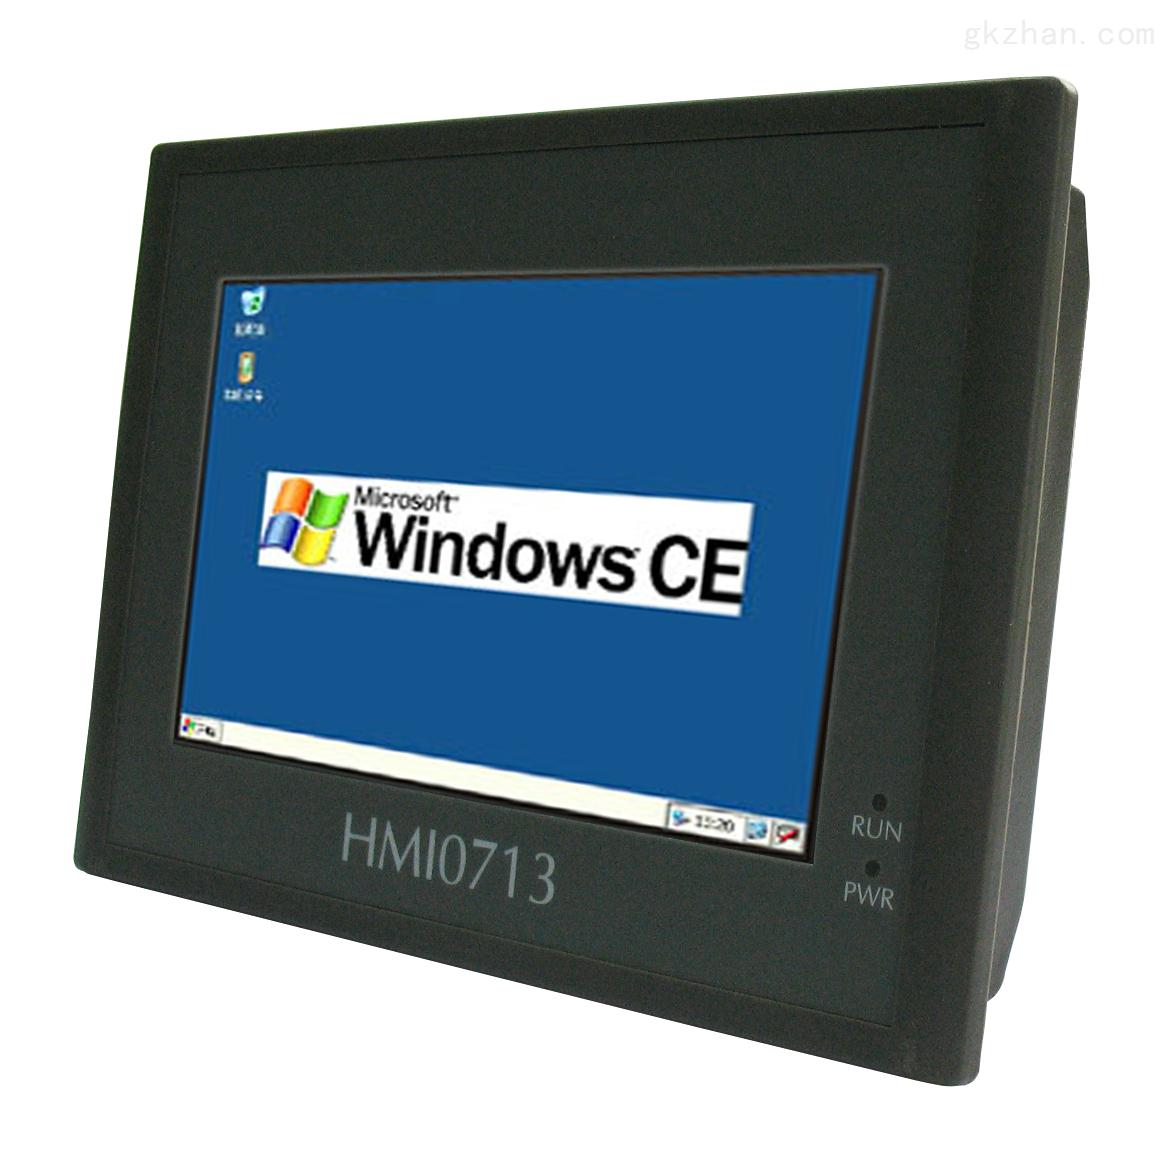 7寸-阿尔泰7寸工业平板电脑; Atmel公司AT91SAM9263处理器